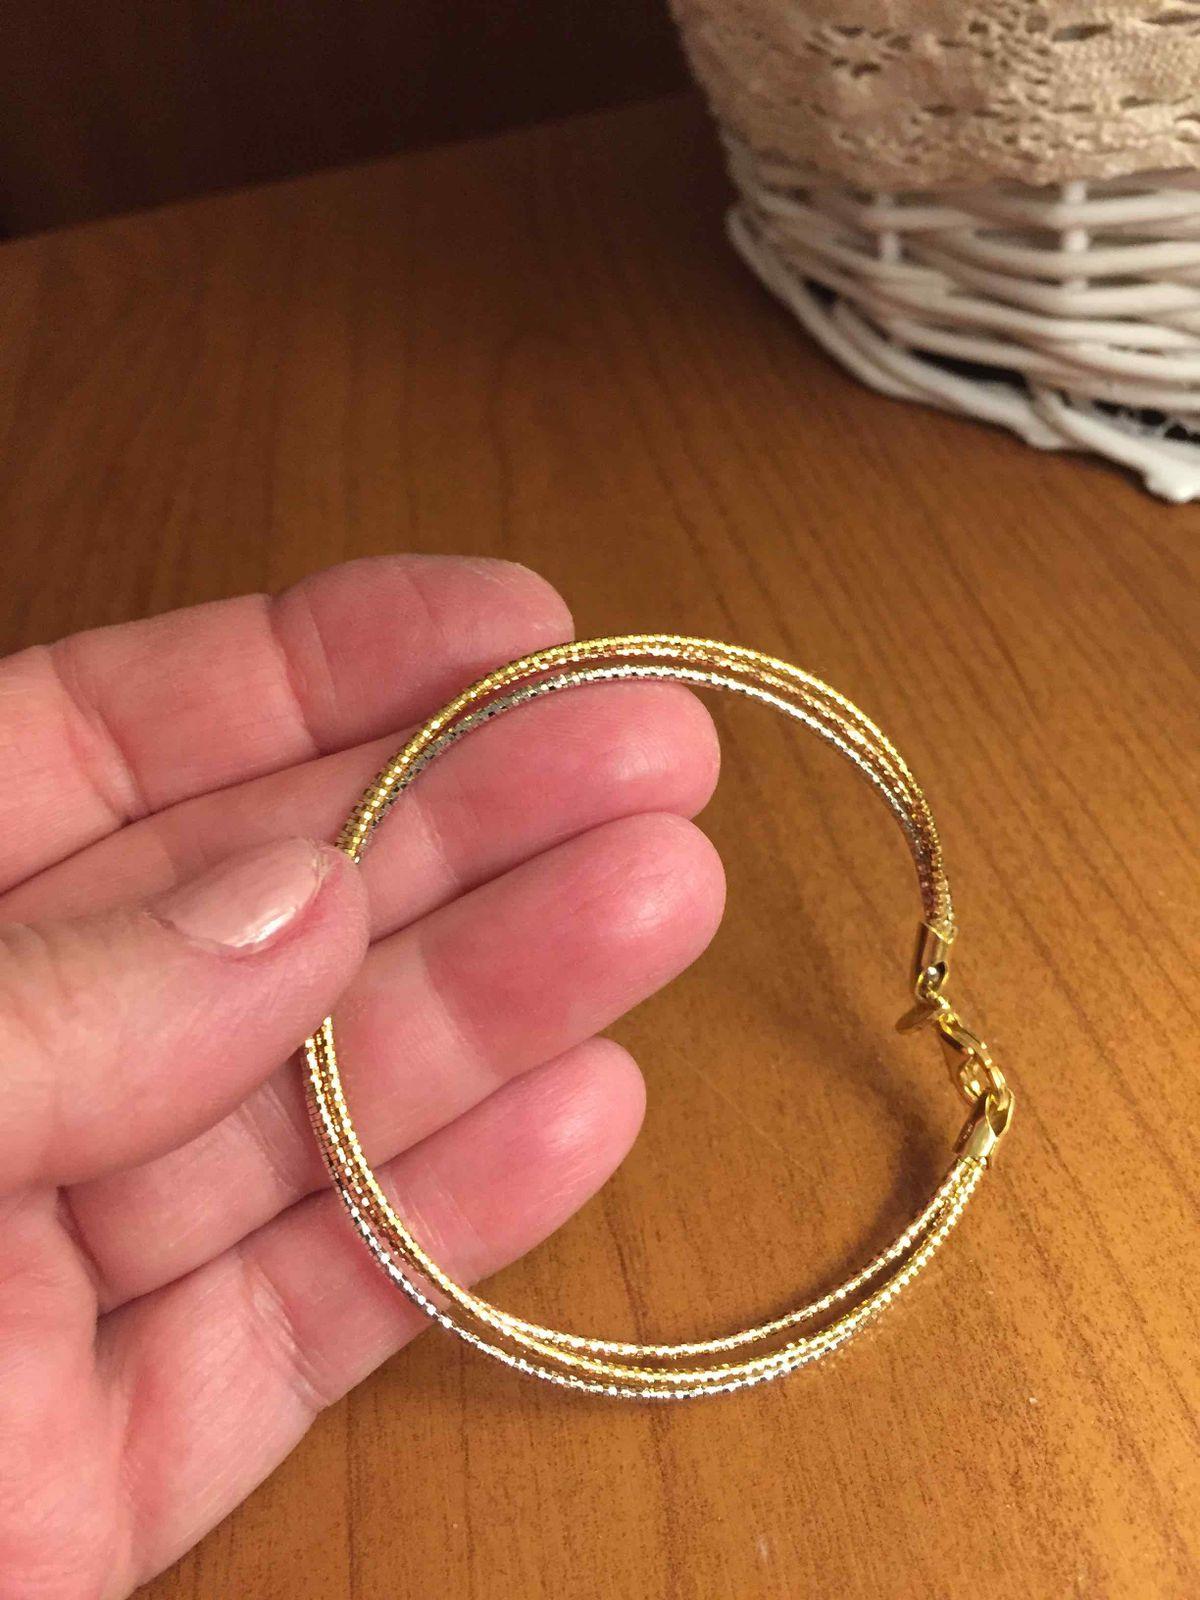 Элегантный браслет.